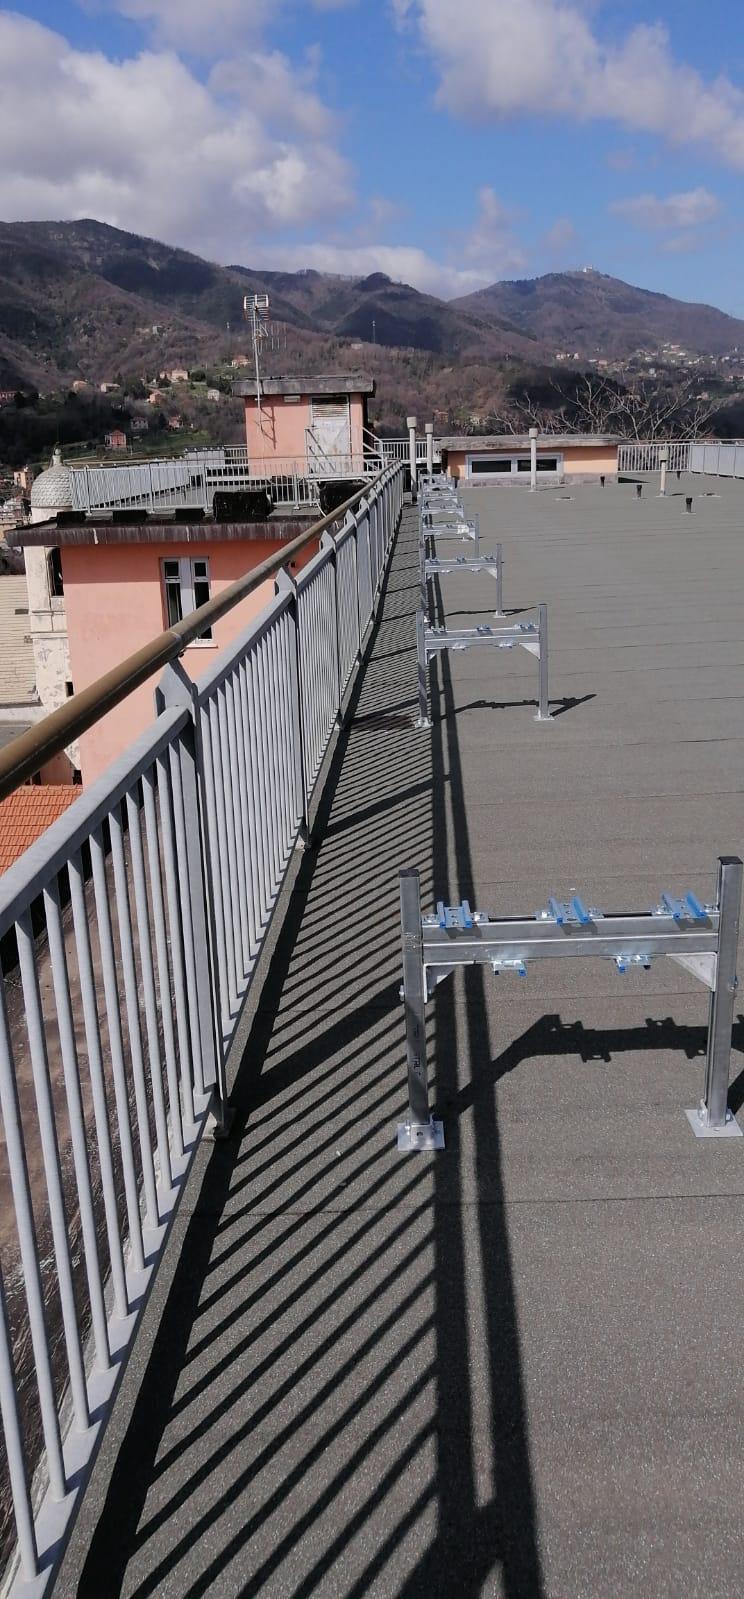 Work done for Celesia Hospital in Genova